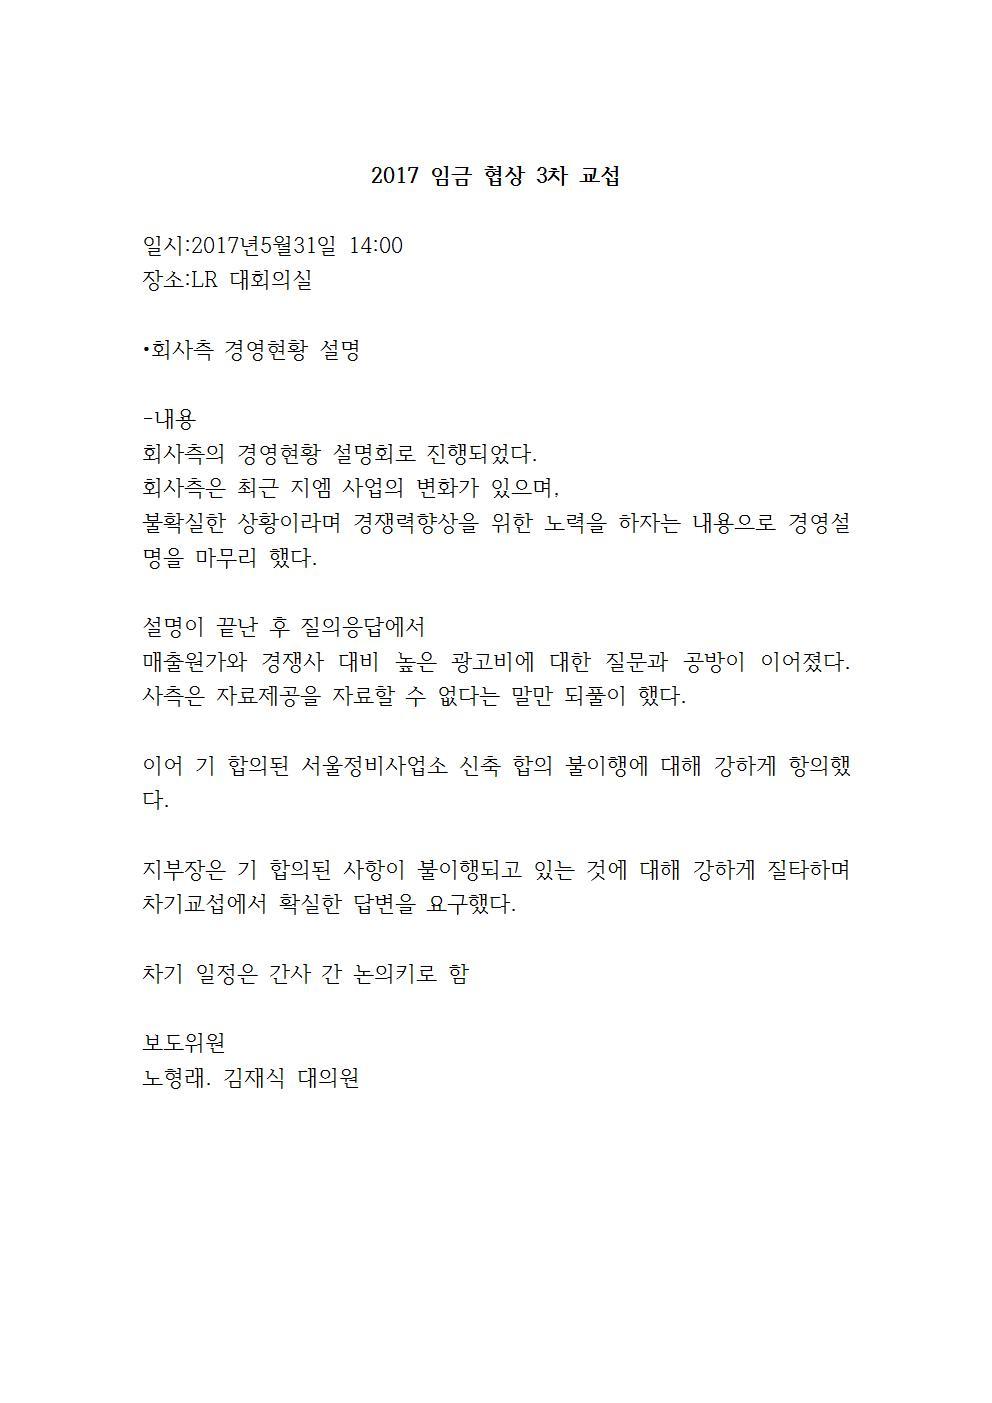 2017임금협상 3차교섭001.jpg